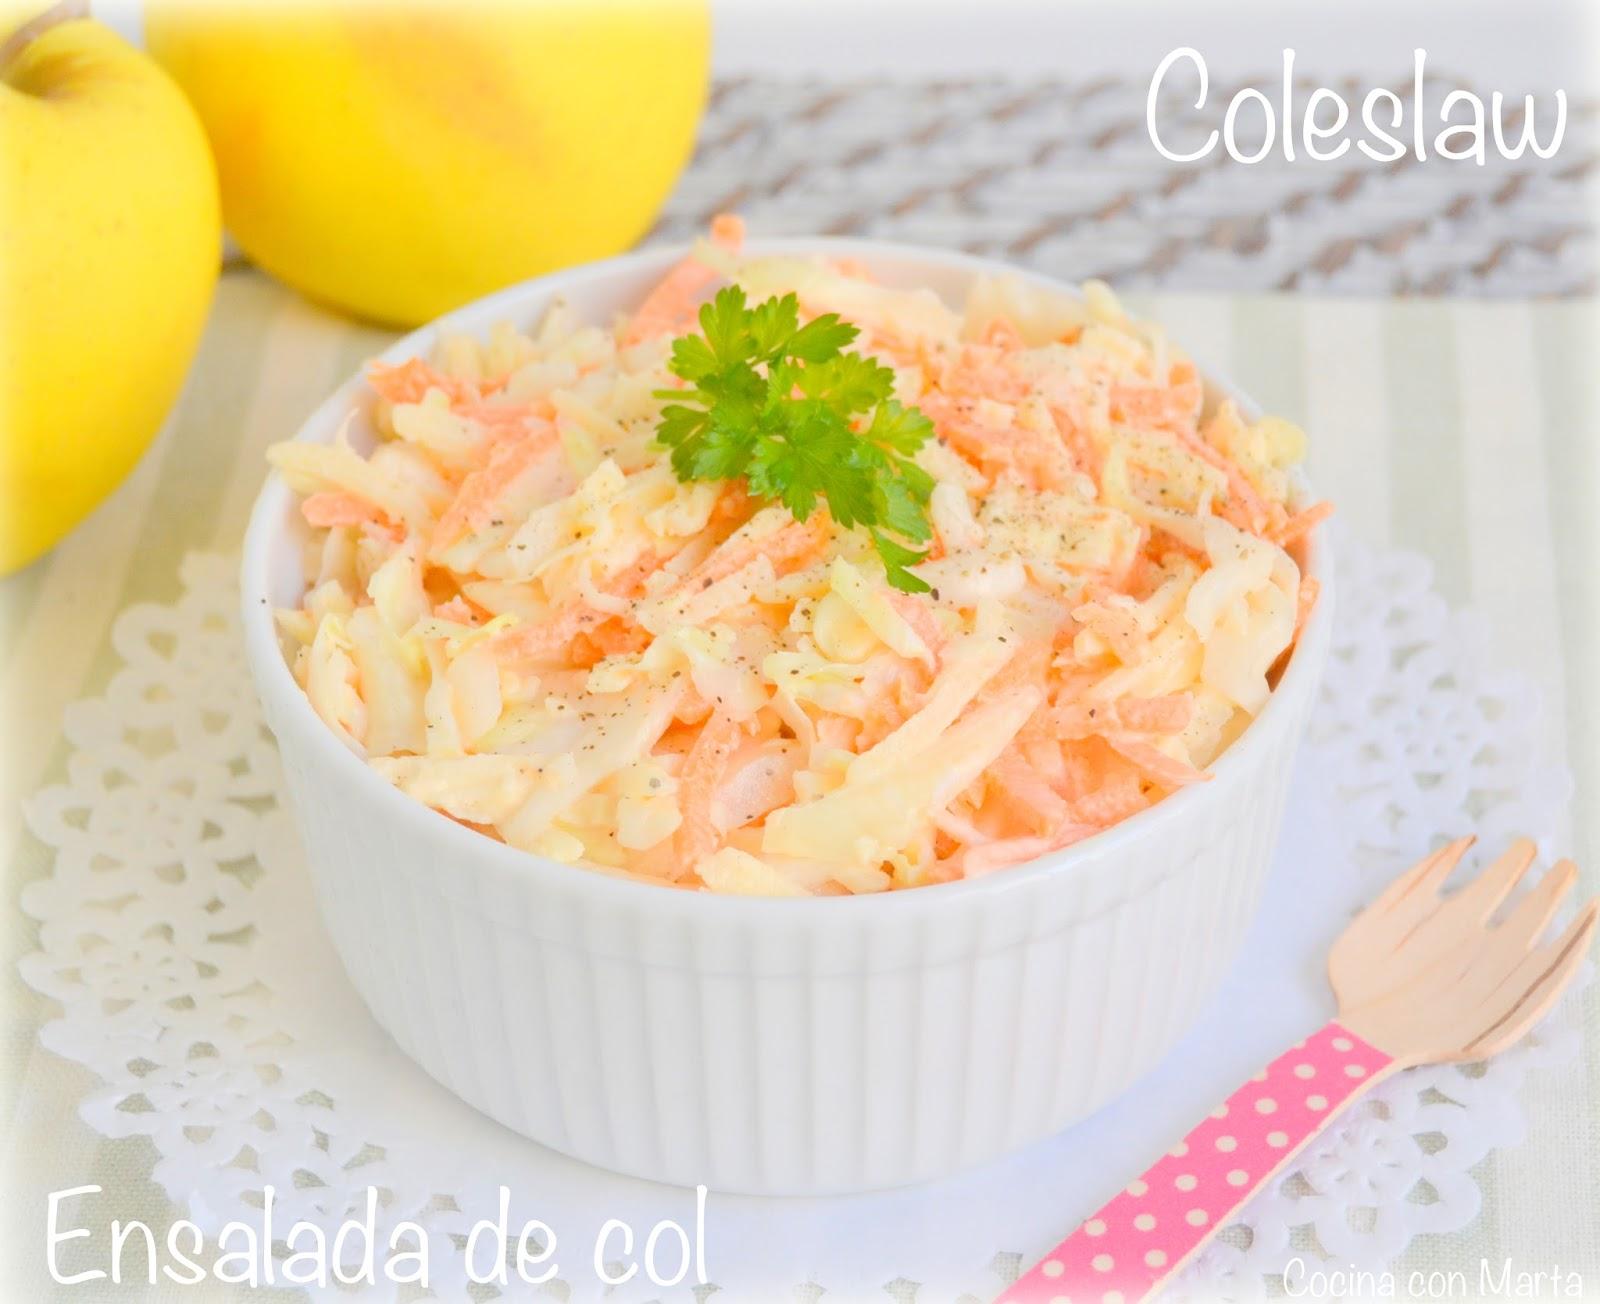 Coleslaw o ensalada de col. Receta americana casera, fácil, rápida.